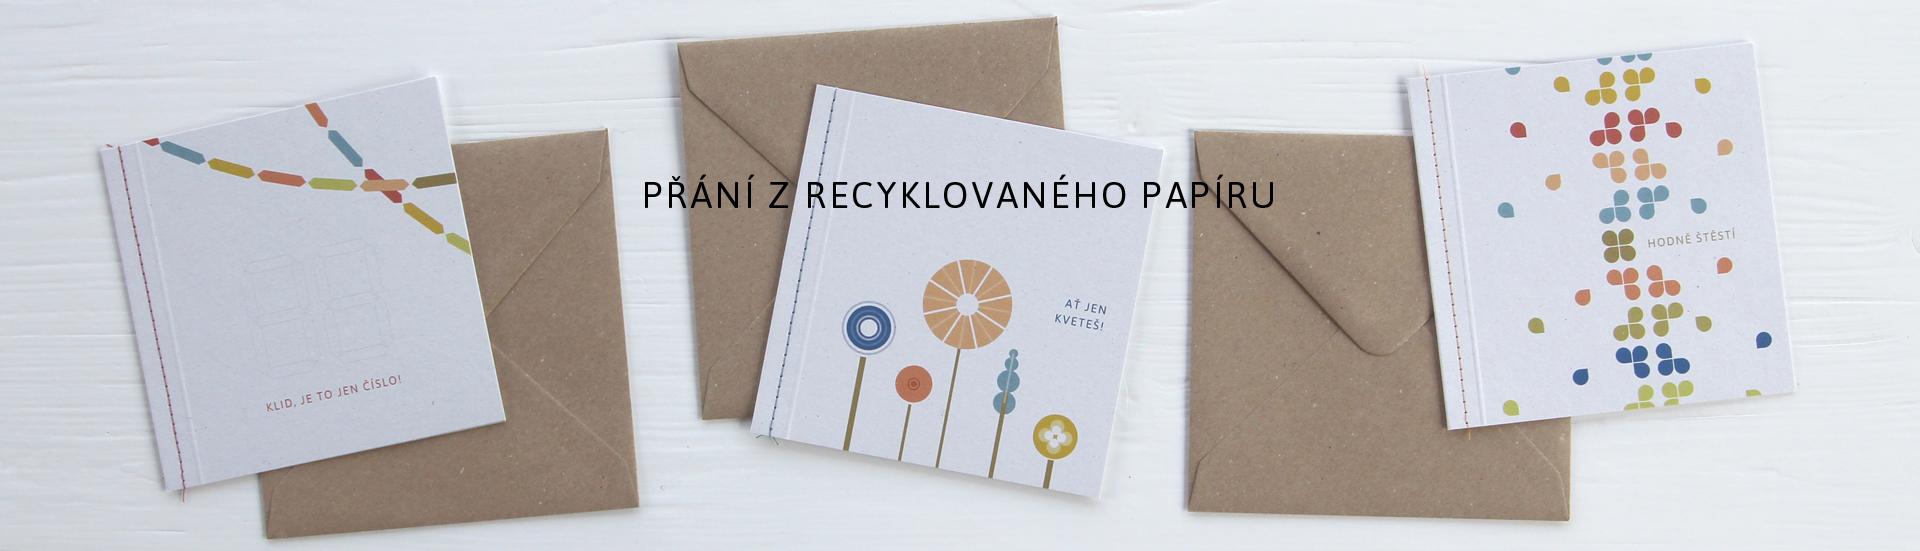 přání k narozeninám a svátku z recyklovaného papíru